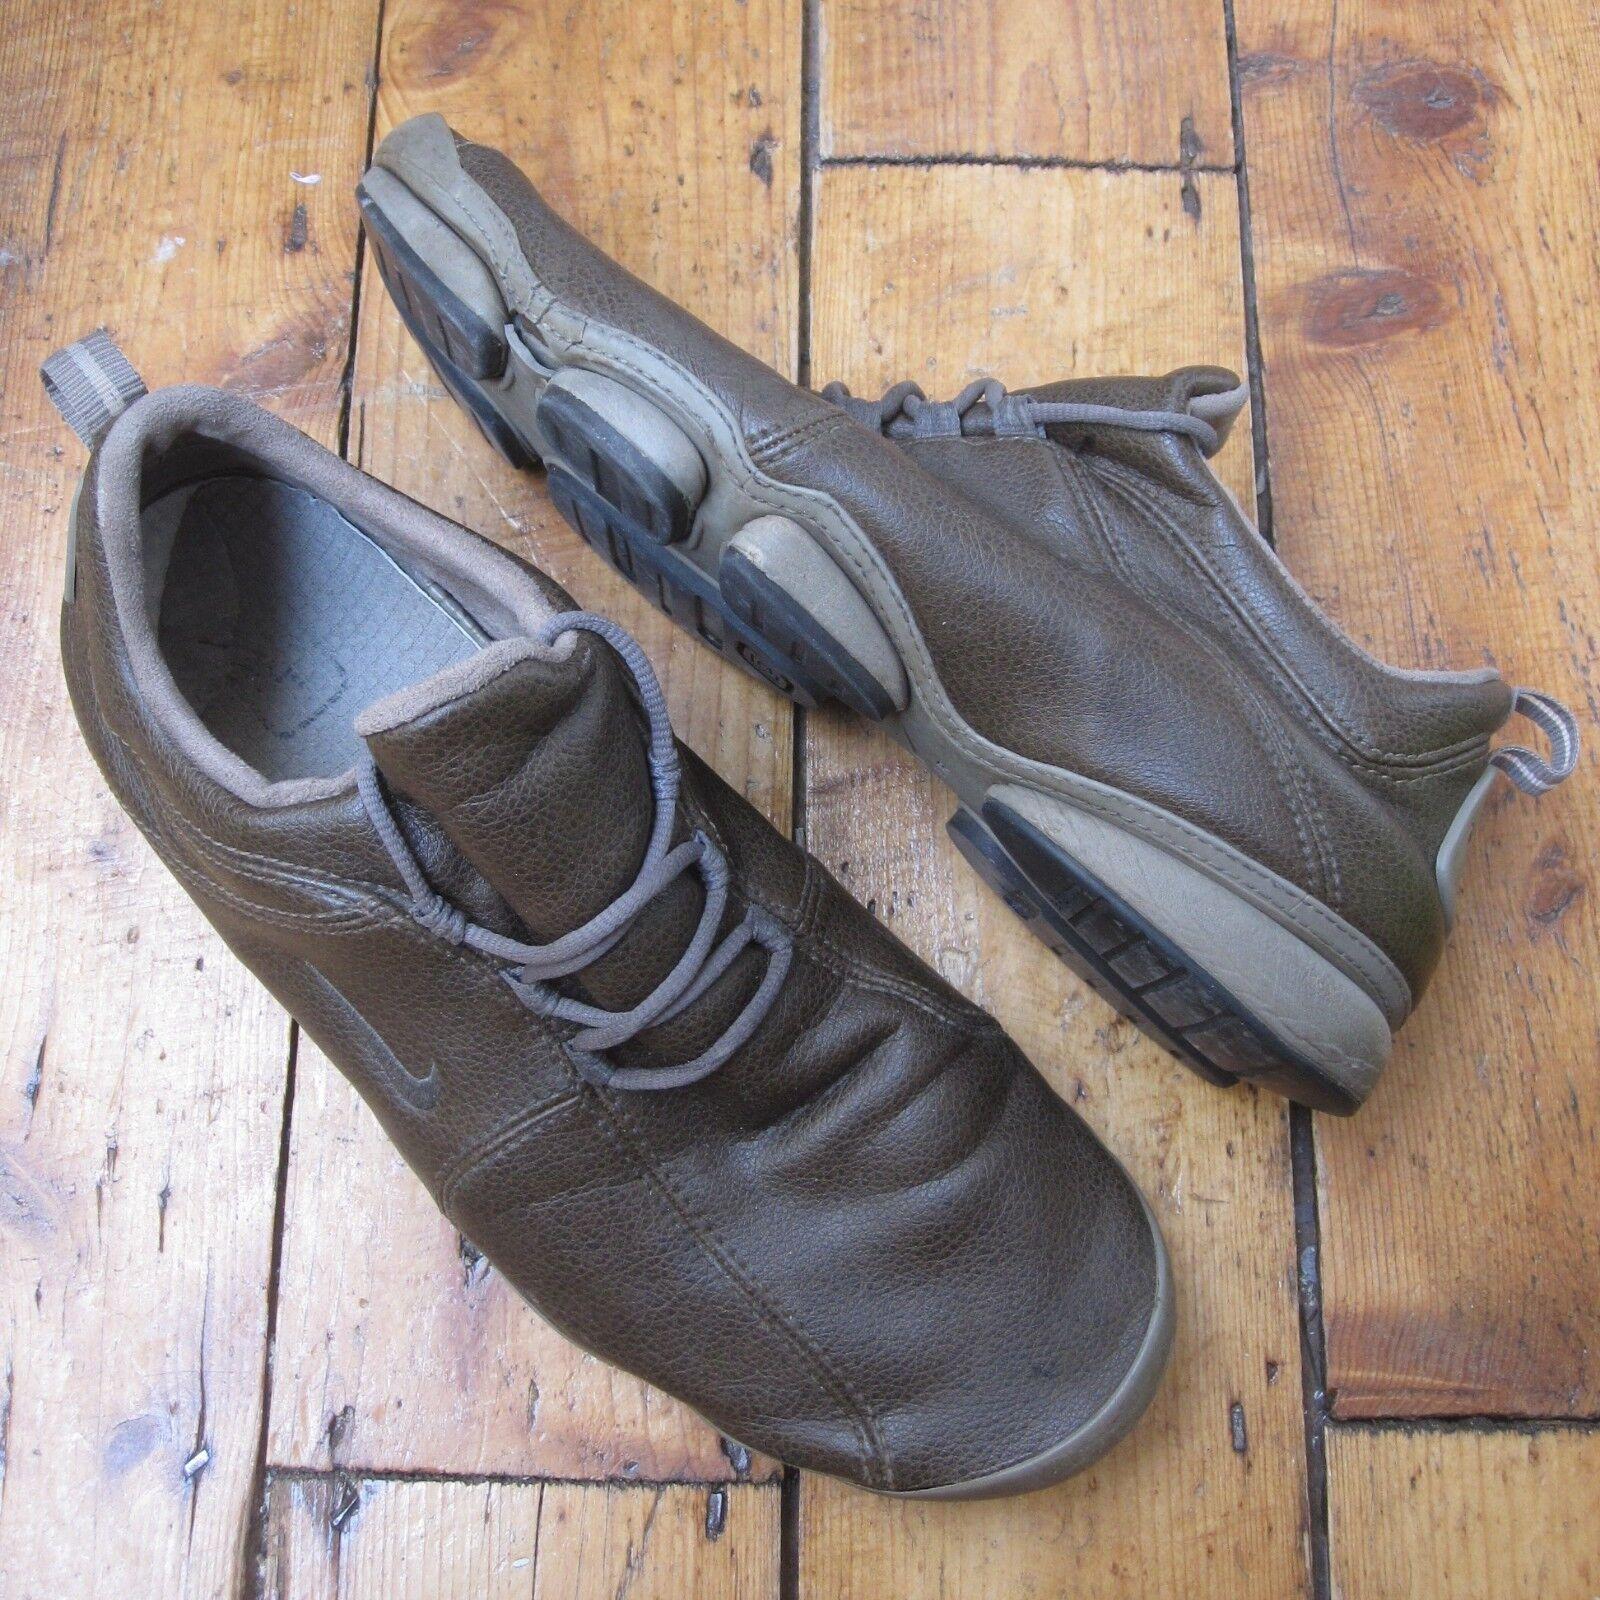 Nike Air presto Vintage 2018 Marrón zapatos Leather Trainers comodo baratos zapatos Marrón de mujer zapatos de mujer 1733fa